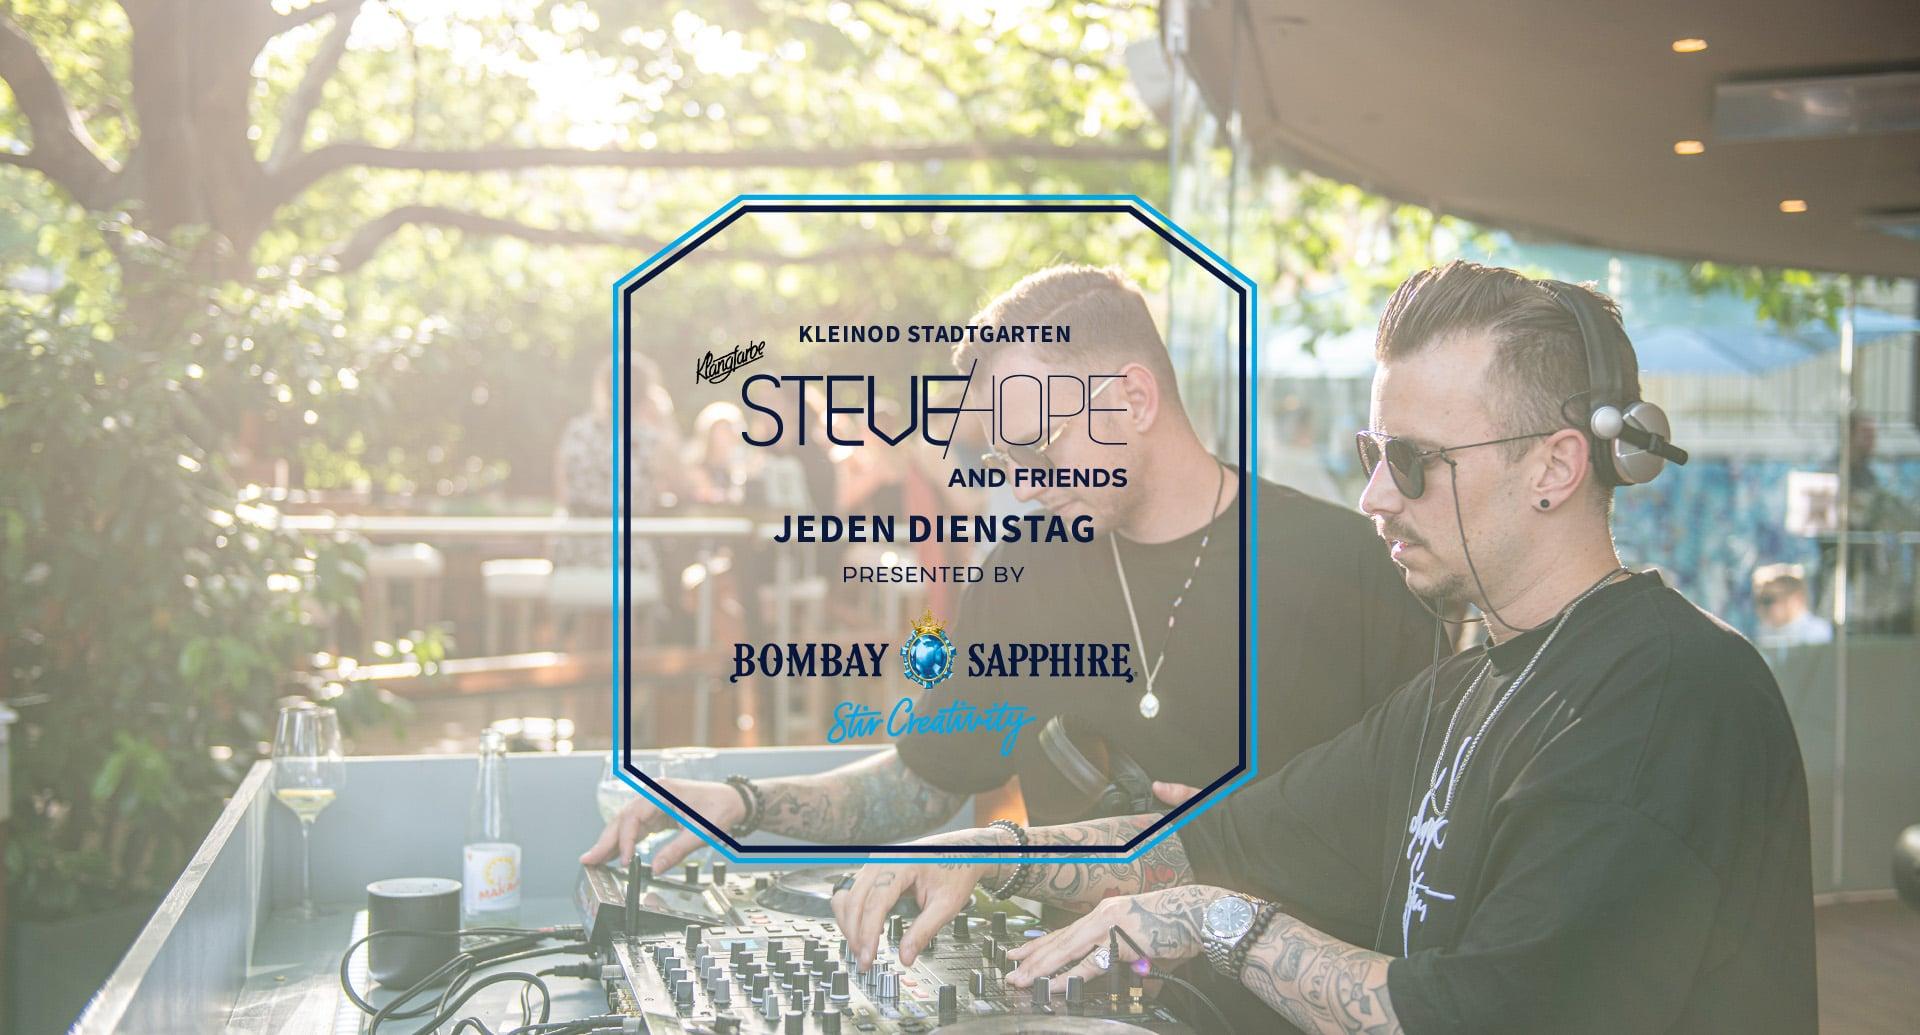 Events Wien: Steve Hope & Friends   Jeden Dienstag im Kleinod Stadtgarten